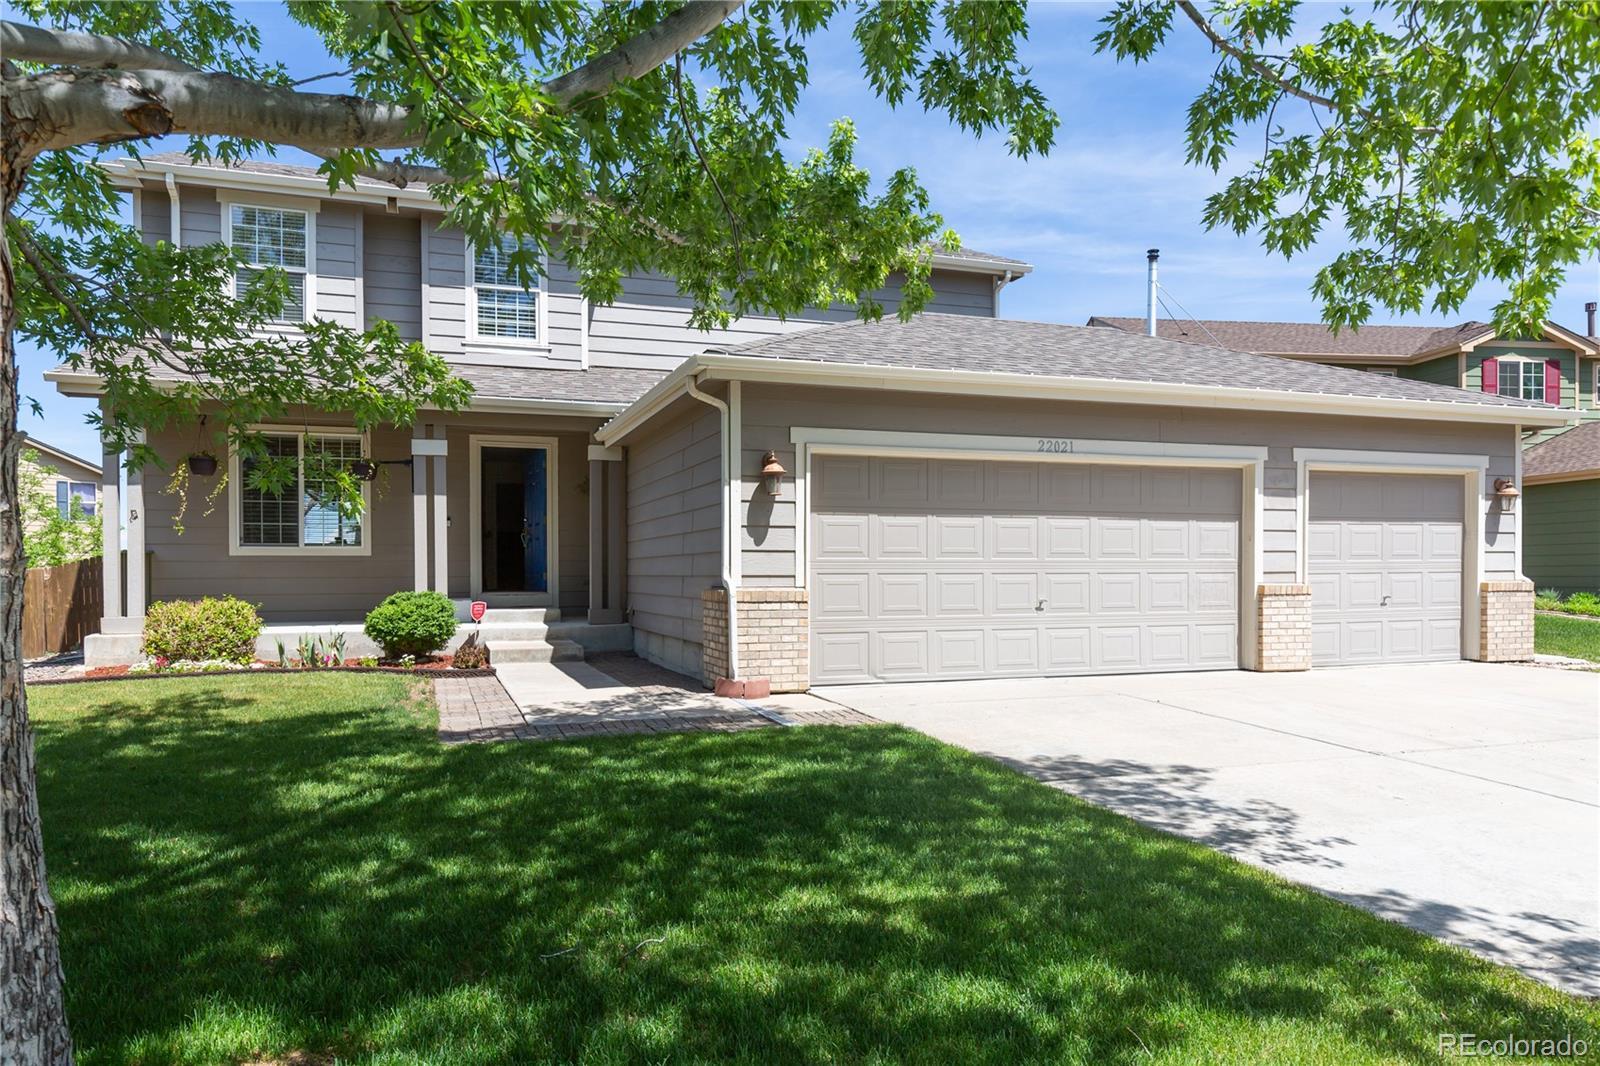 22021 E Prentice Place Property Photo - Aurora, CO real estate listing